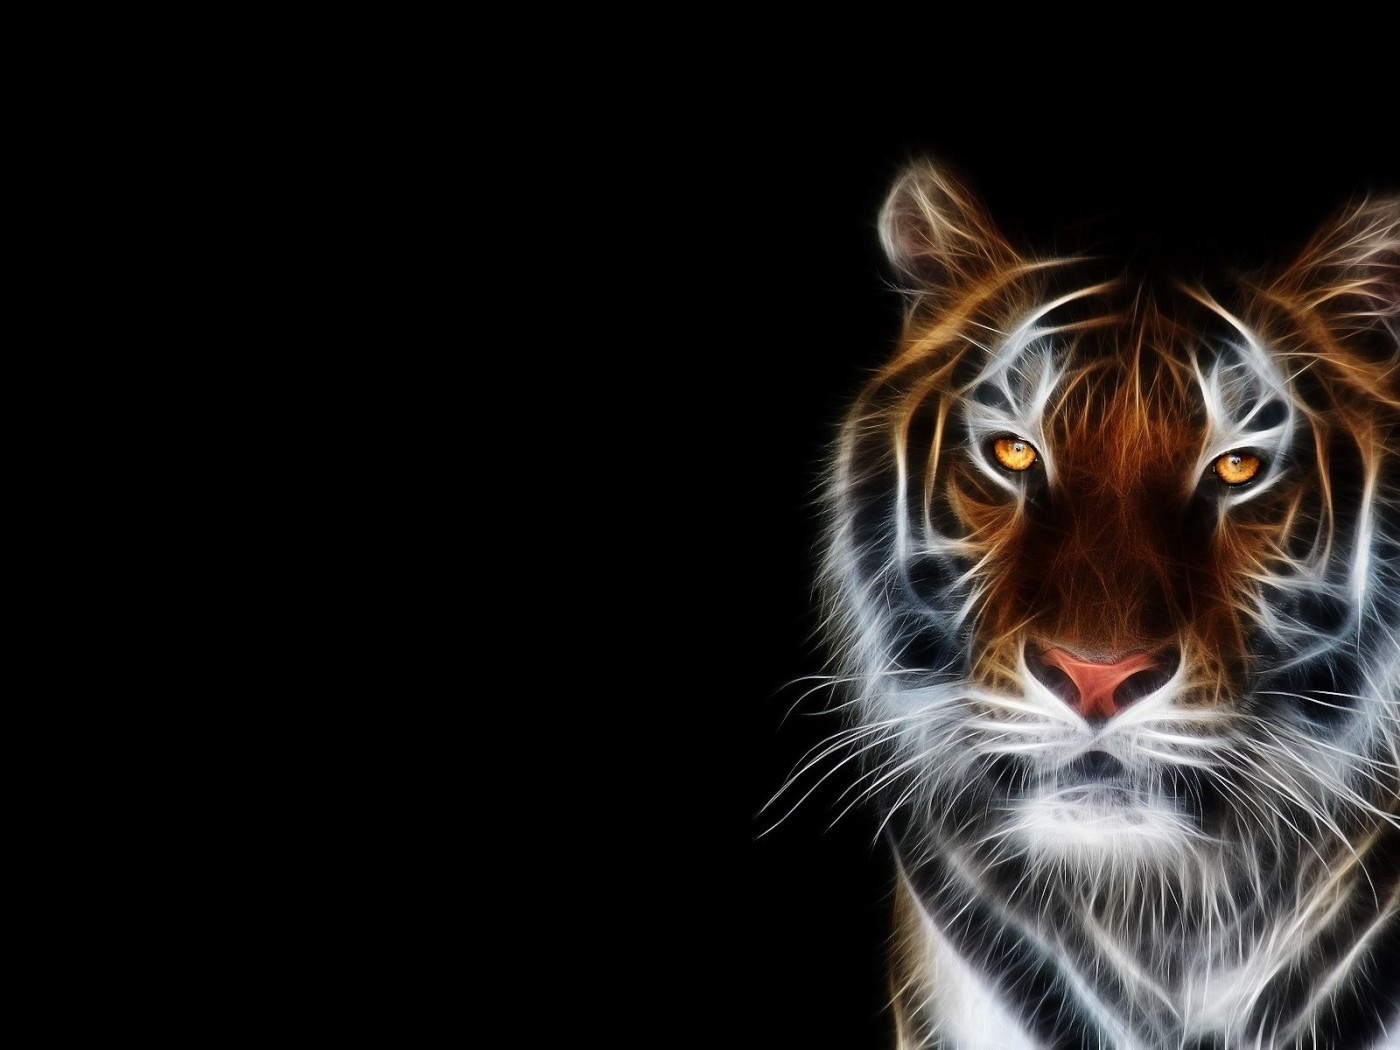 43339 Hintergrundbild herunterladen Bilder, Tiere, Hintergrund, Tigers - Bildschirmschoner und Bilder kostenlos